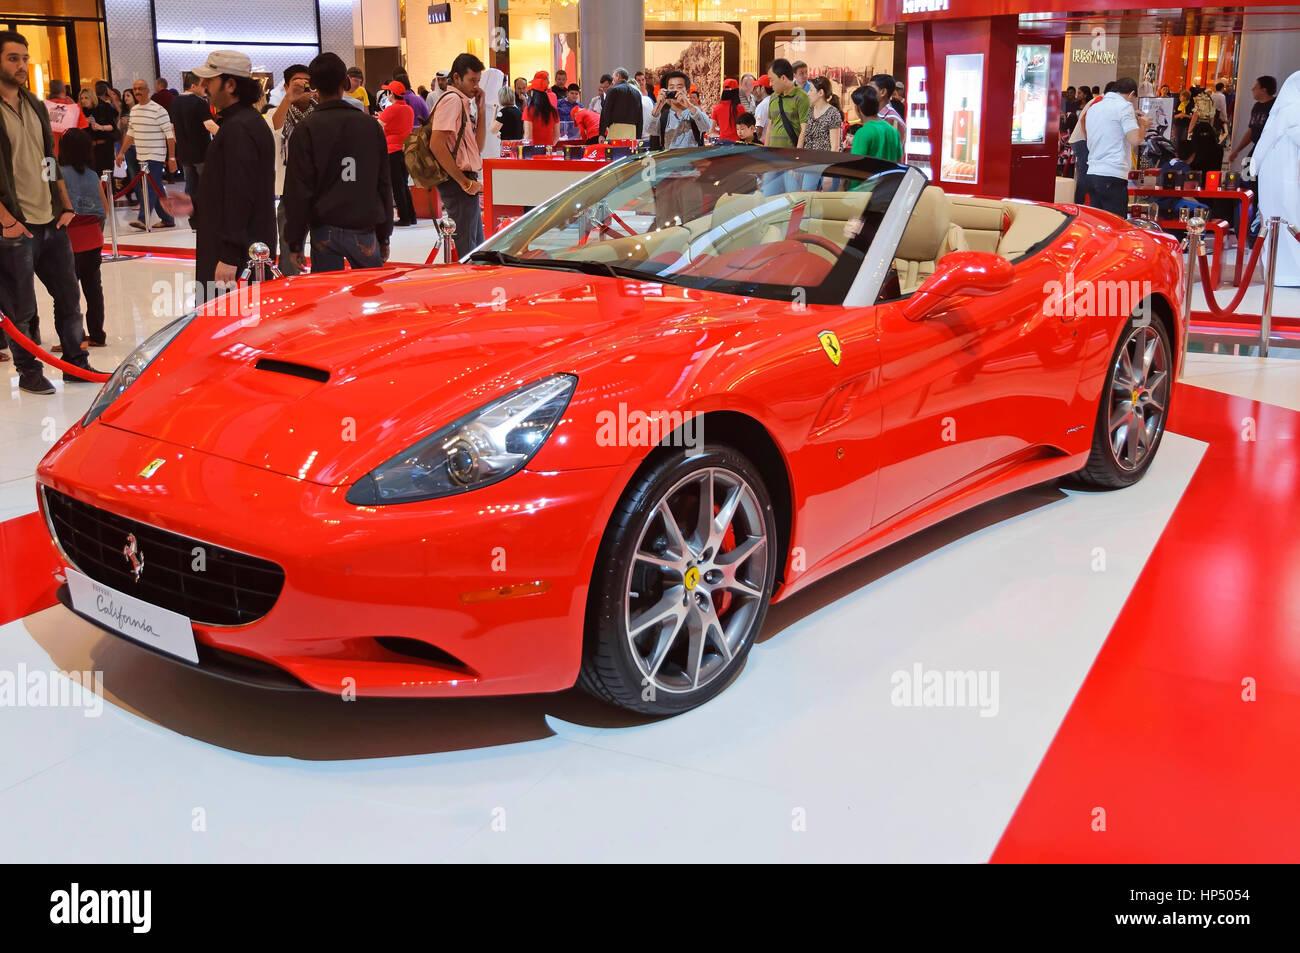 Dubai Uae January View Of A Ferrari California